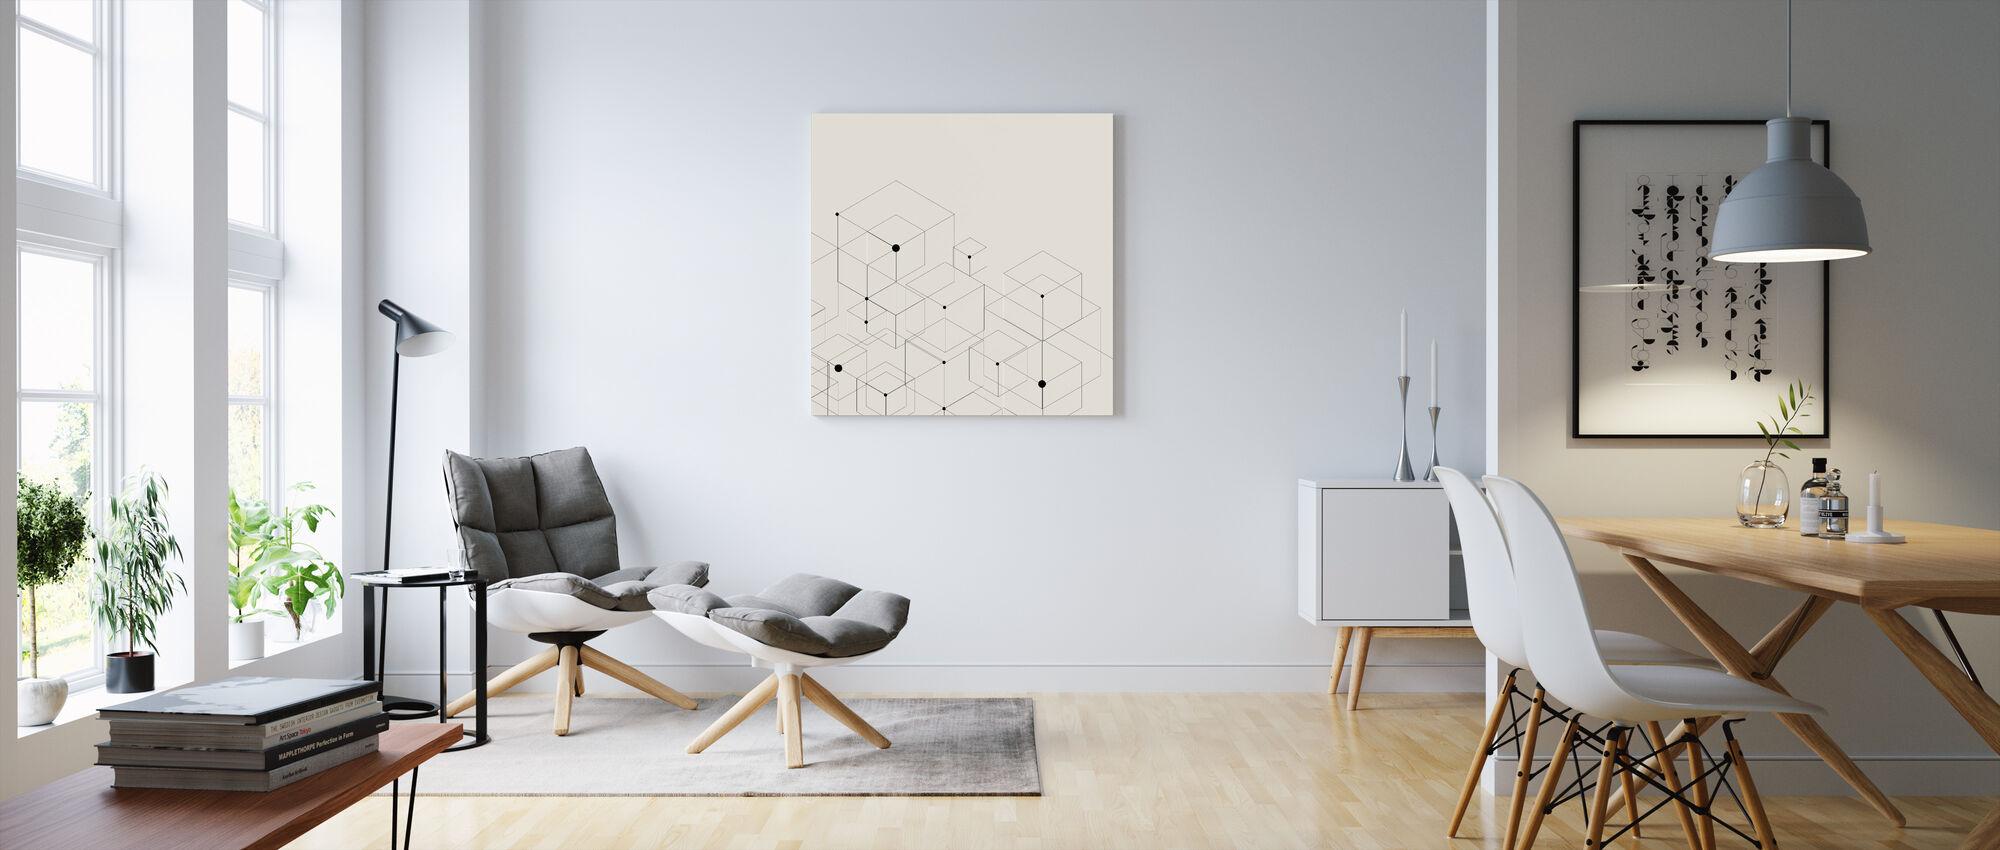 black lines commandez votre impression sur toile en ligne photowall. Black Bedroom Furniture Sets. Home Design Ideas